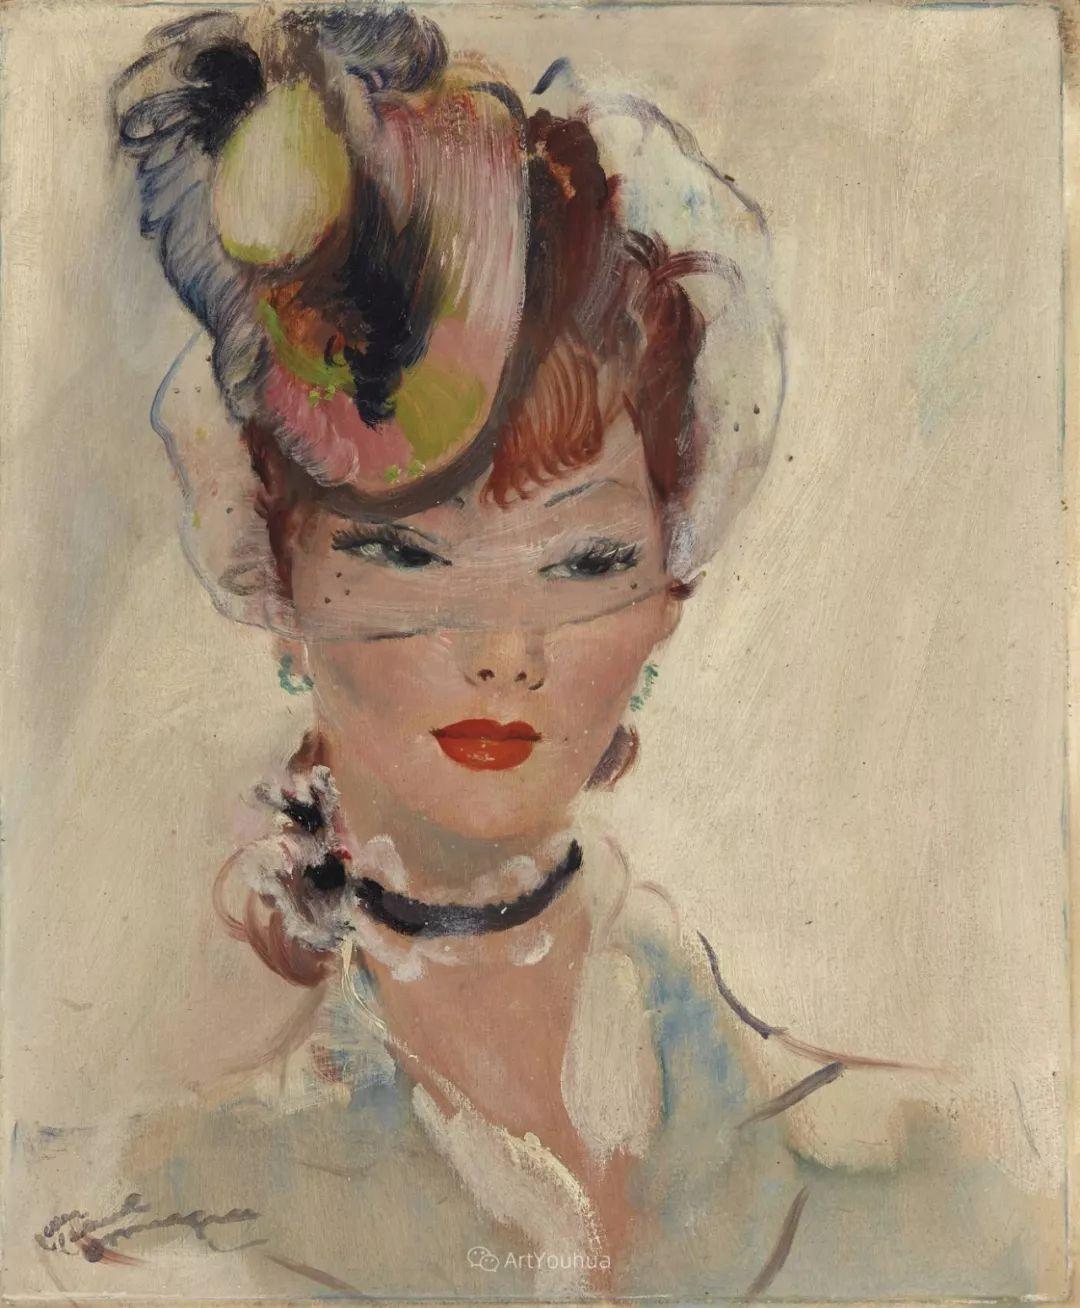 他画中的美女:典雅美丽天鹅颈,脸上带着调情趣味插图35